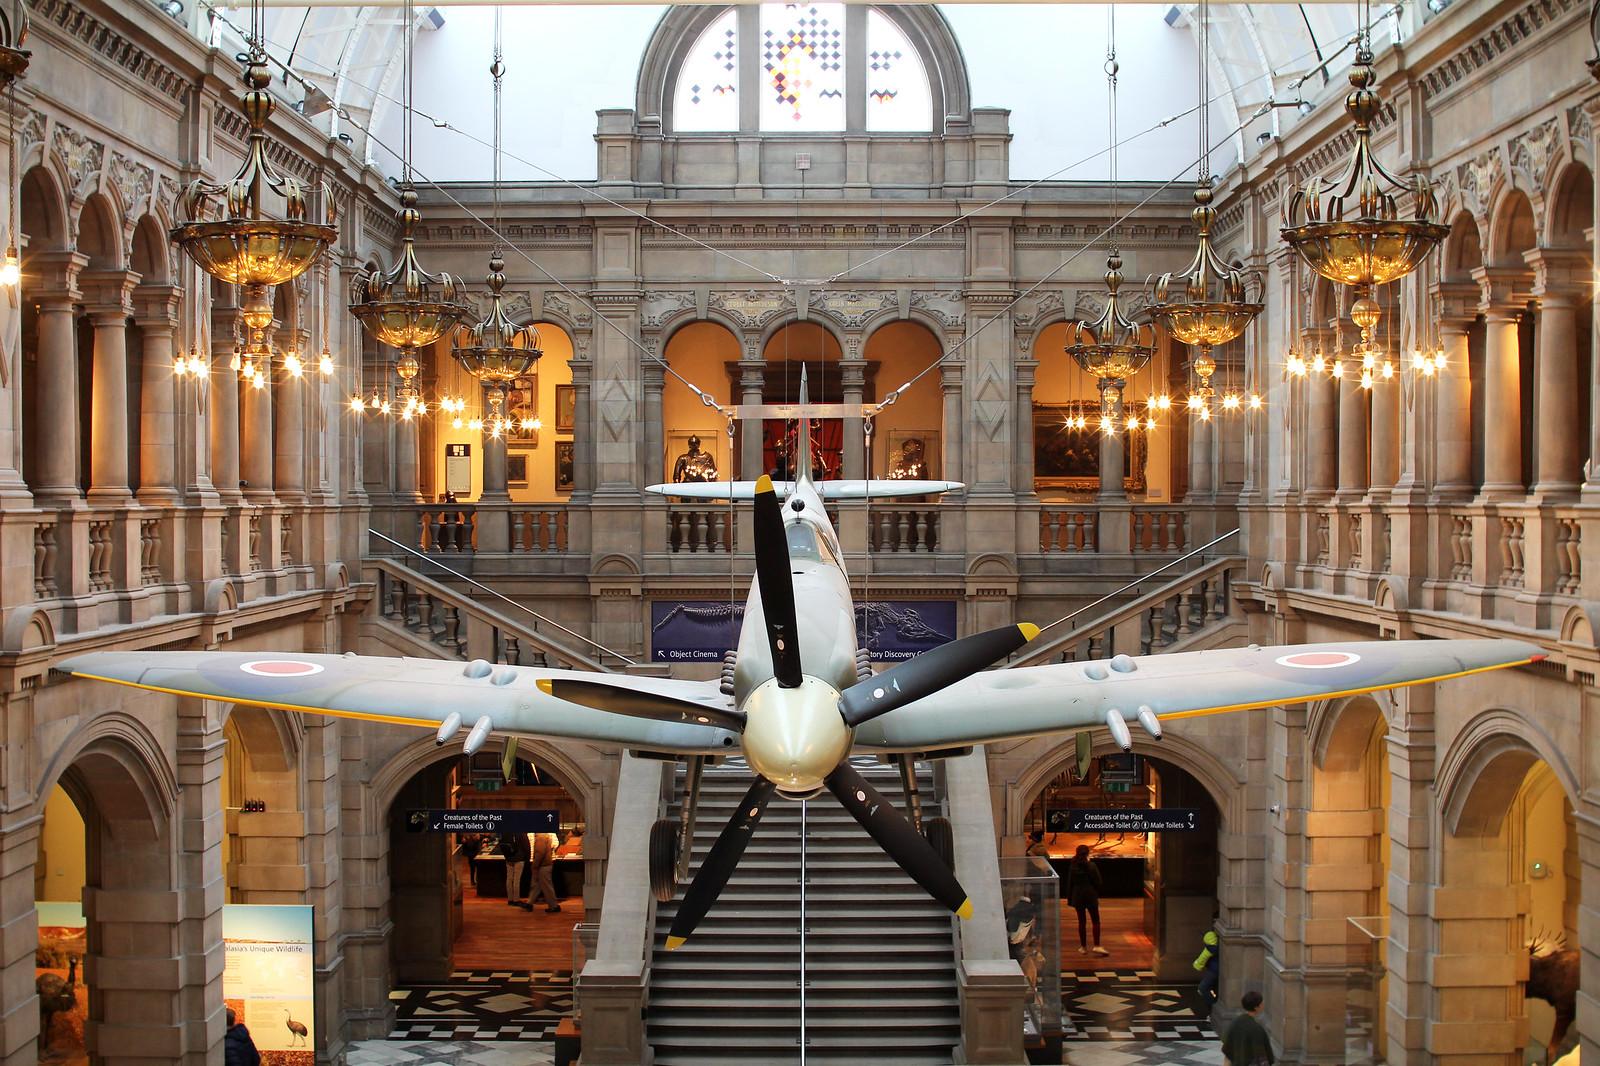 Kelvingrove Gallery Glasgow UK travel blogger